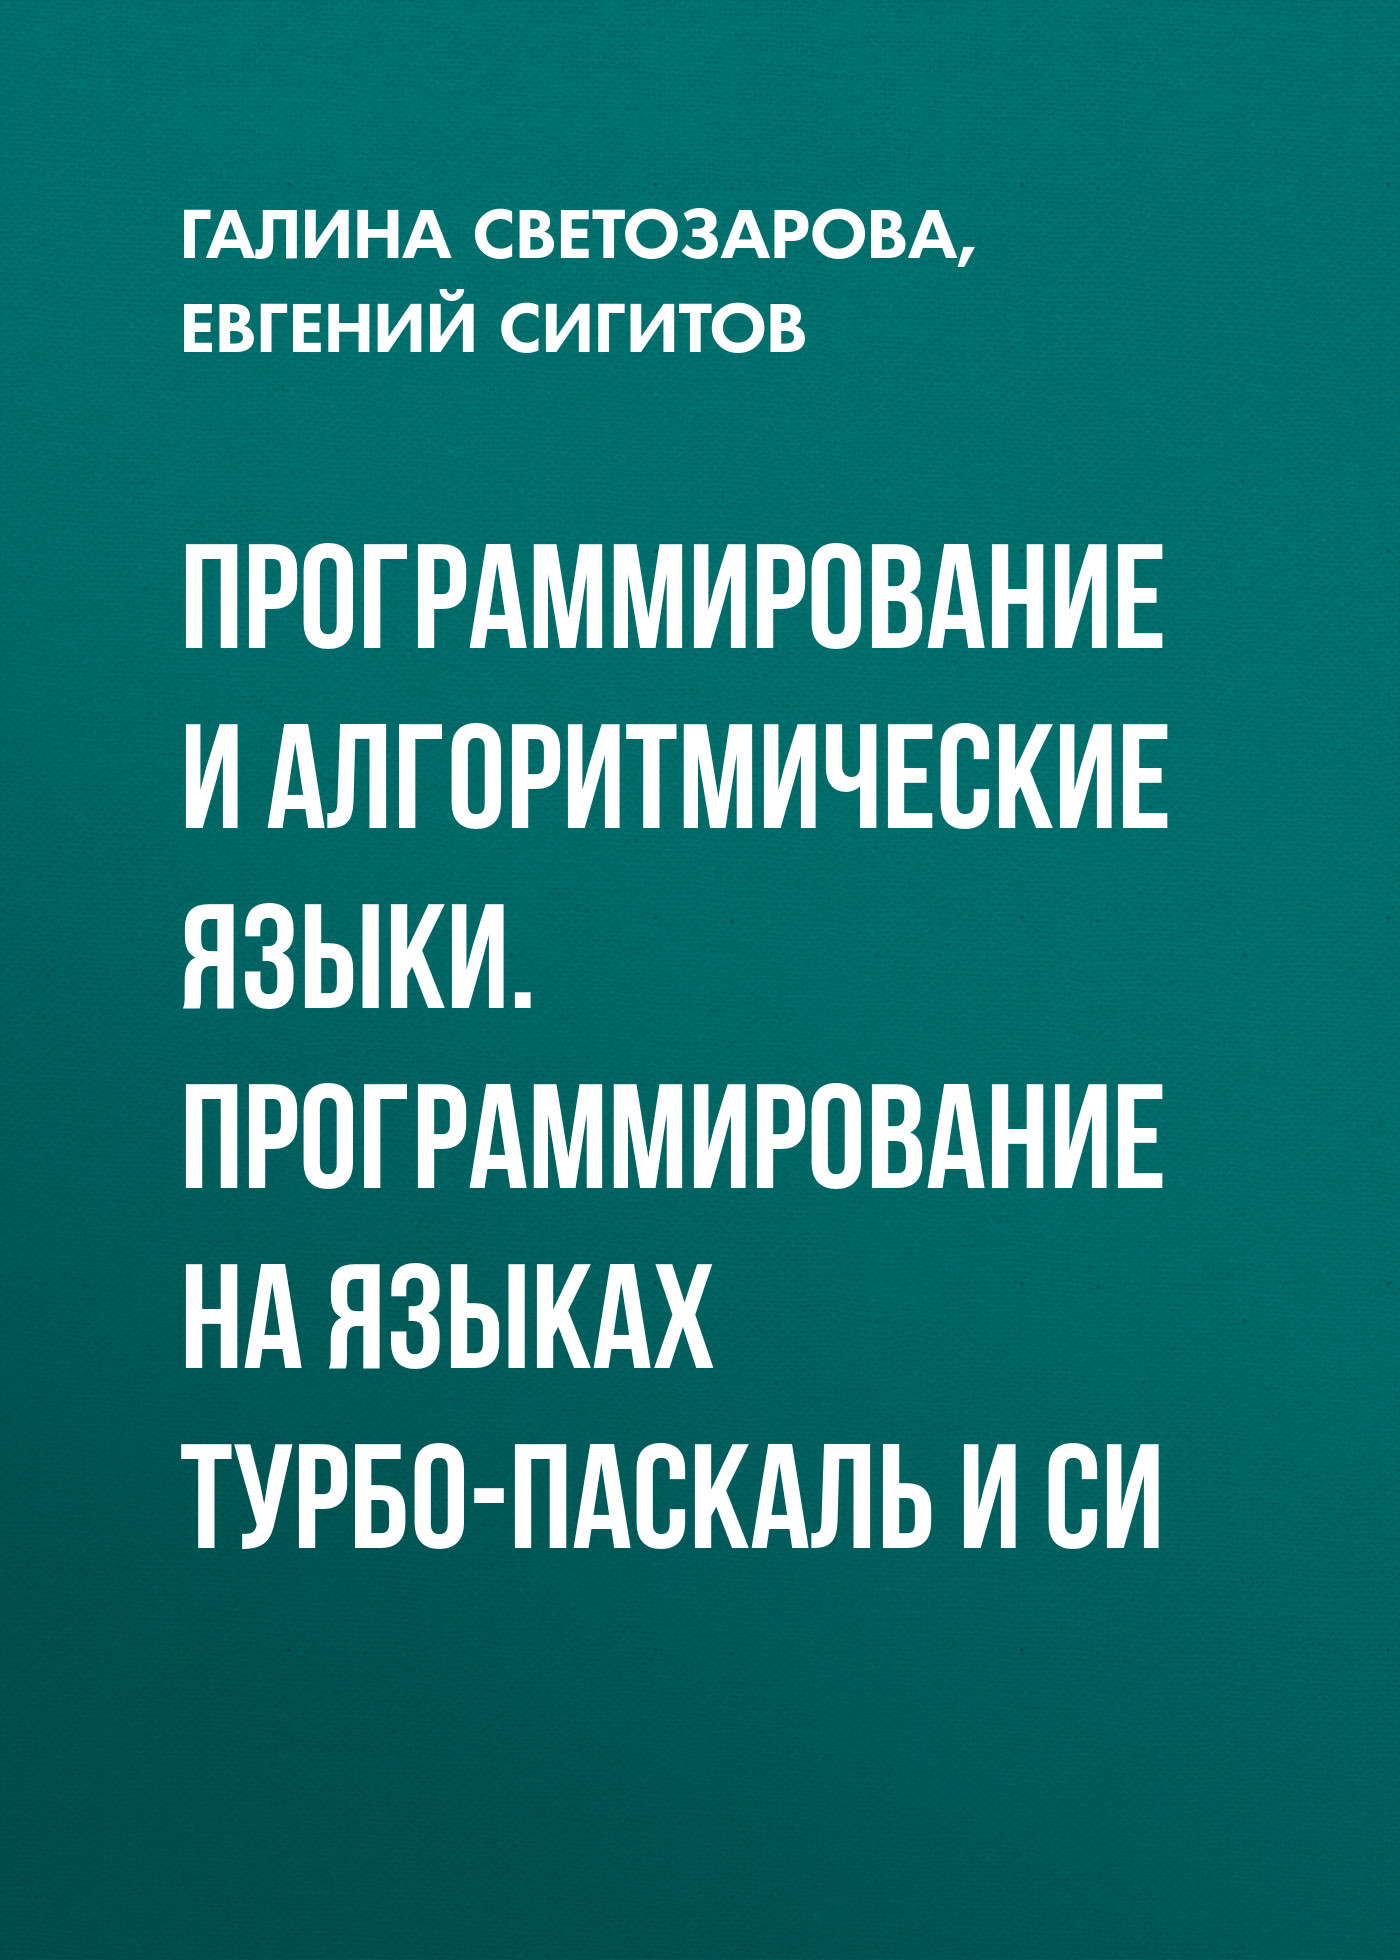 Евгений Сигитов бесплатно